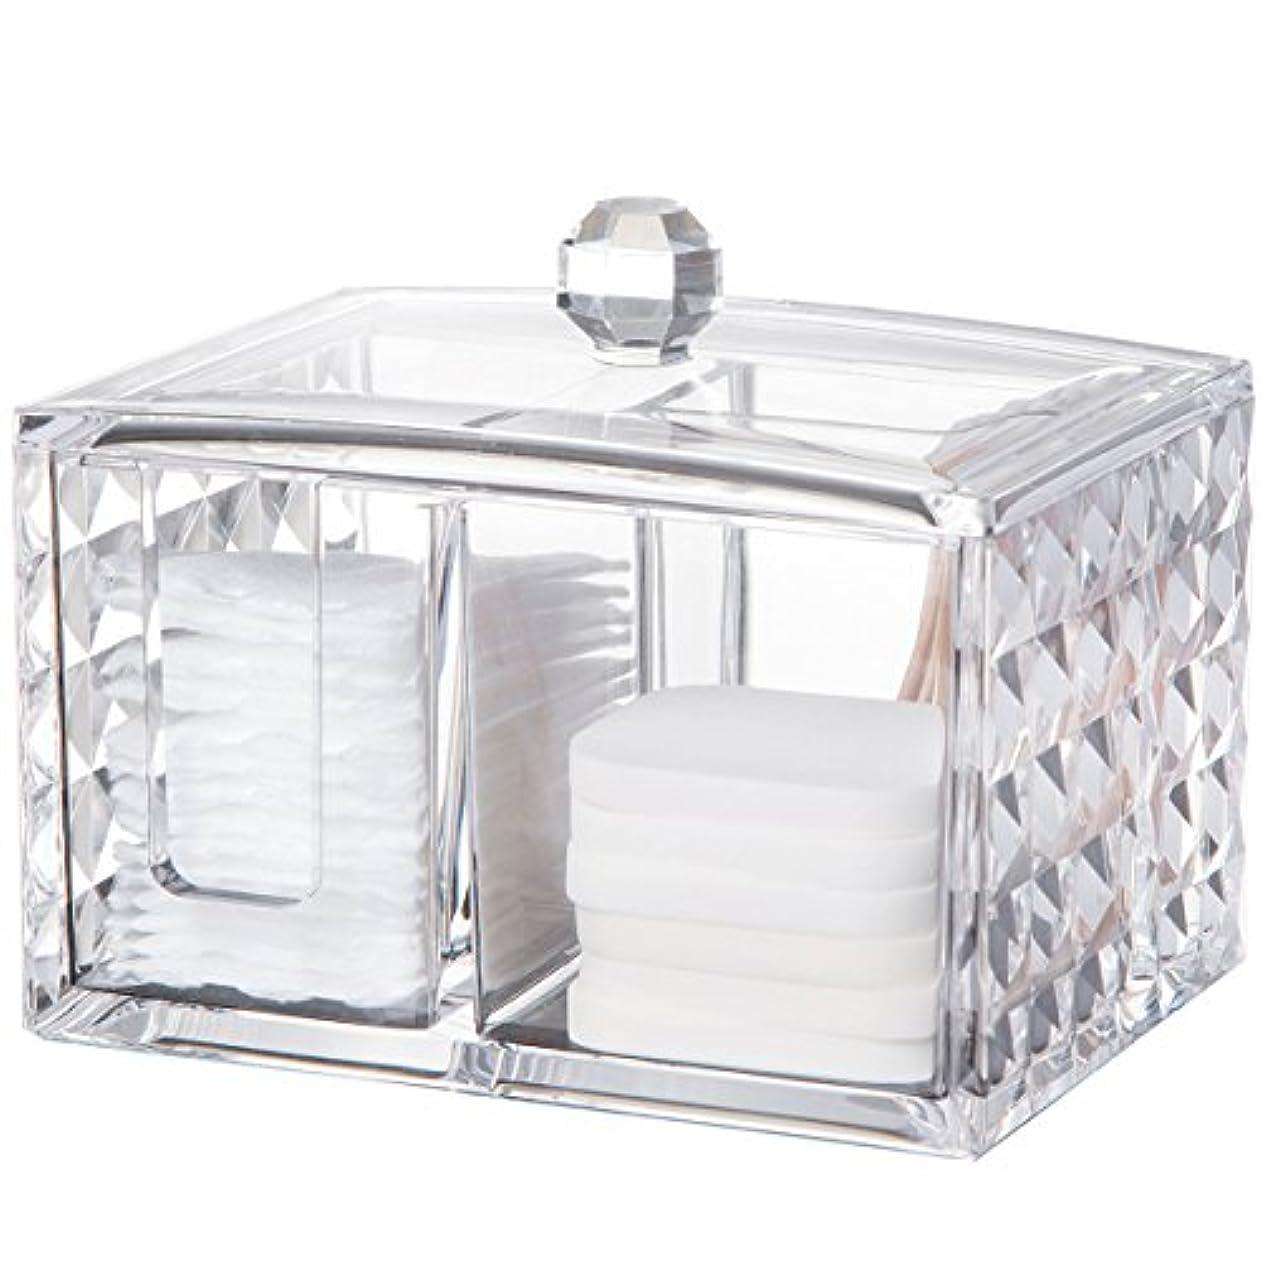 受賞判定支援するコスメボックス 綿棒収納ボックス アクリル製 ダイヤモンド模様 多功能 コスメ小物用品?化粧品収納ケース 透明 (正方形)